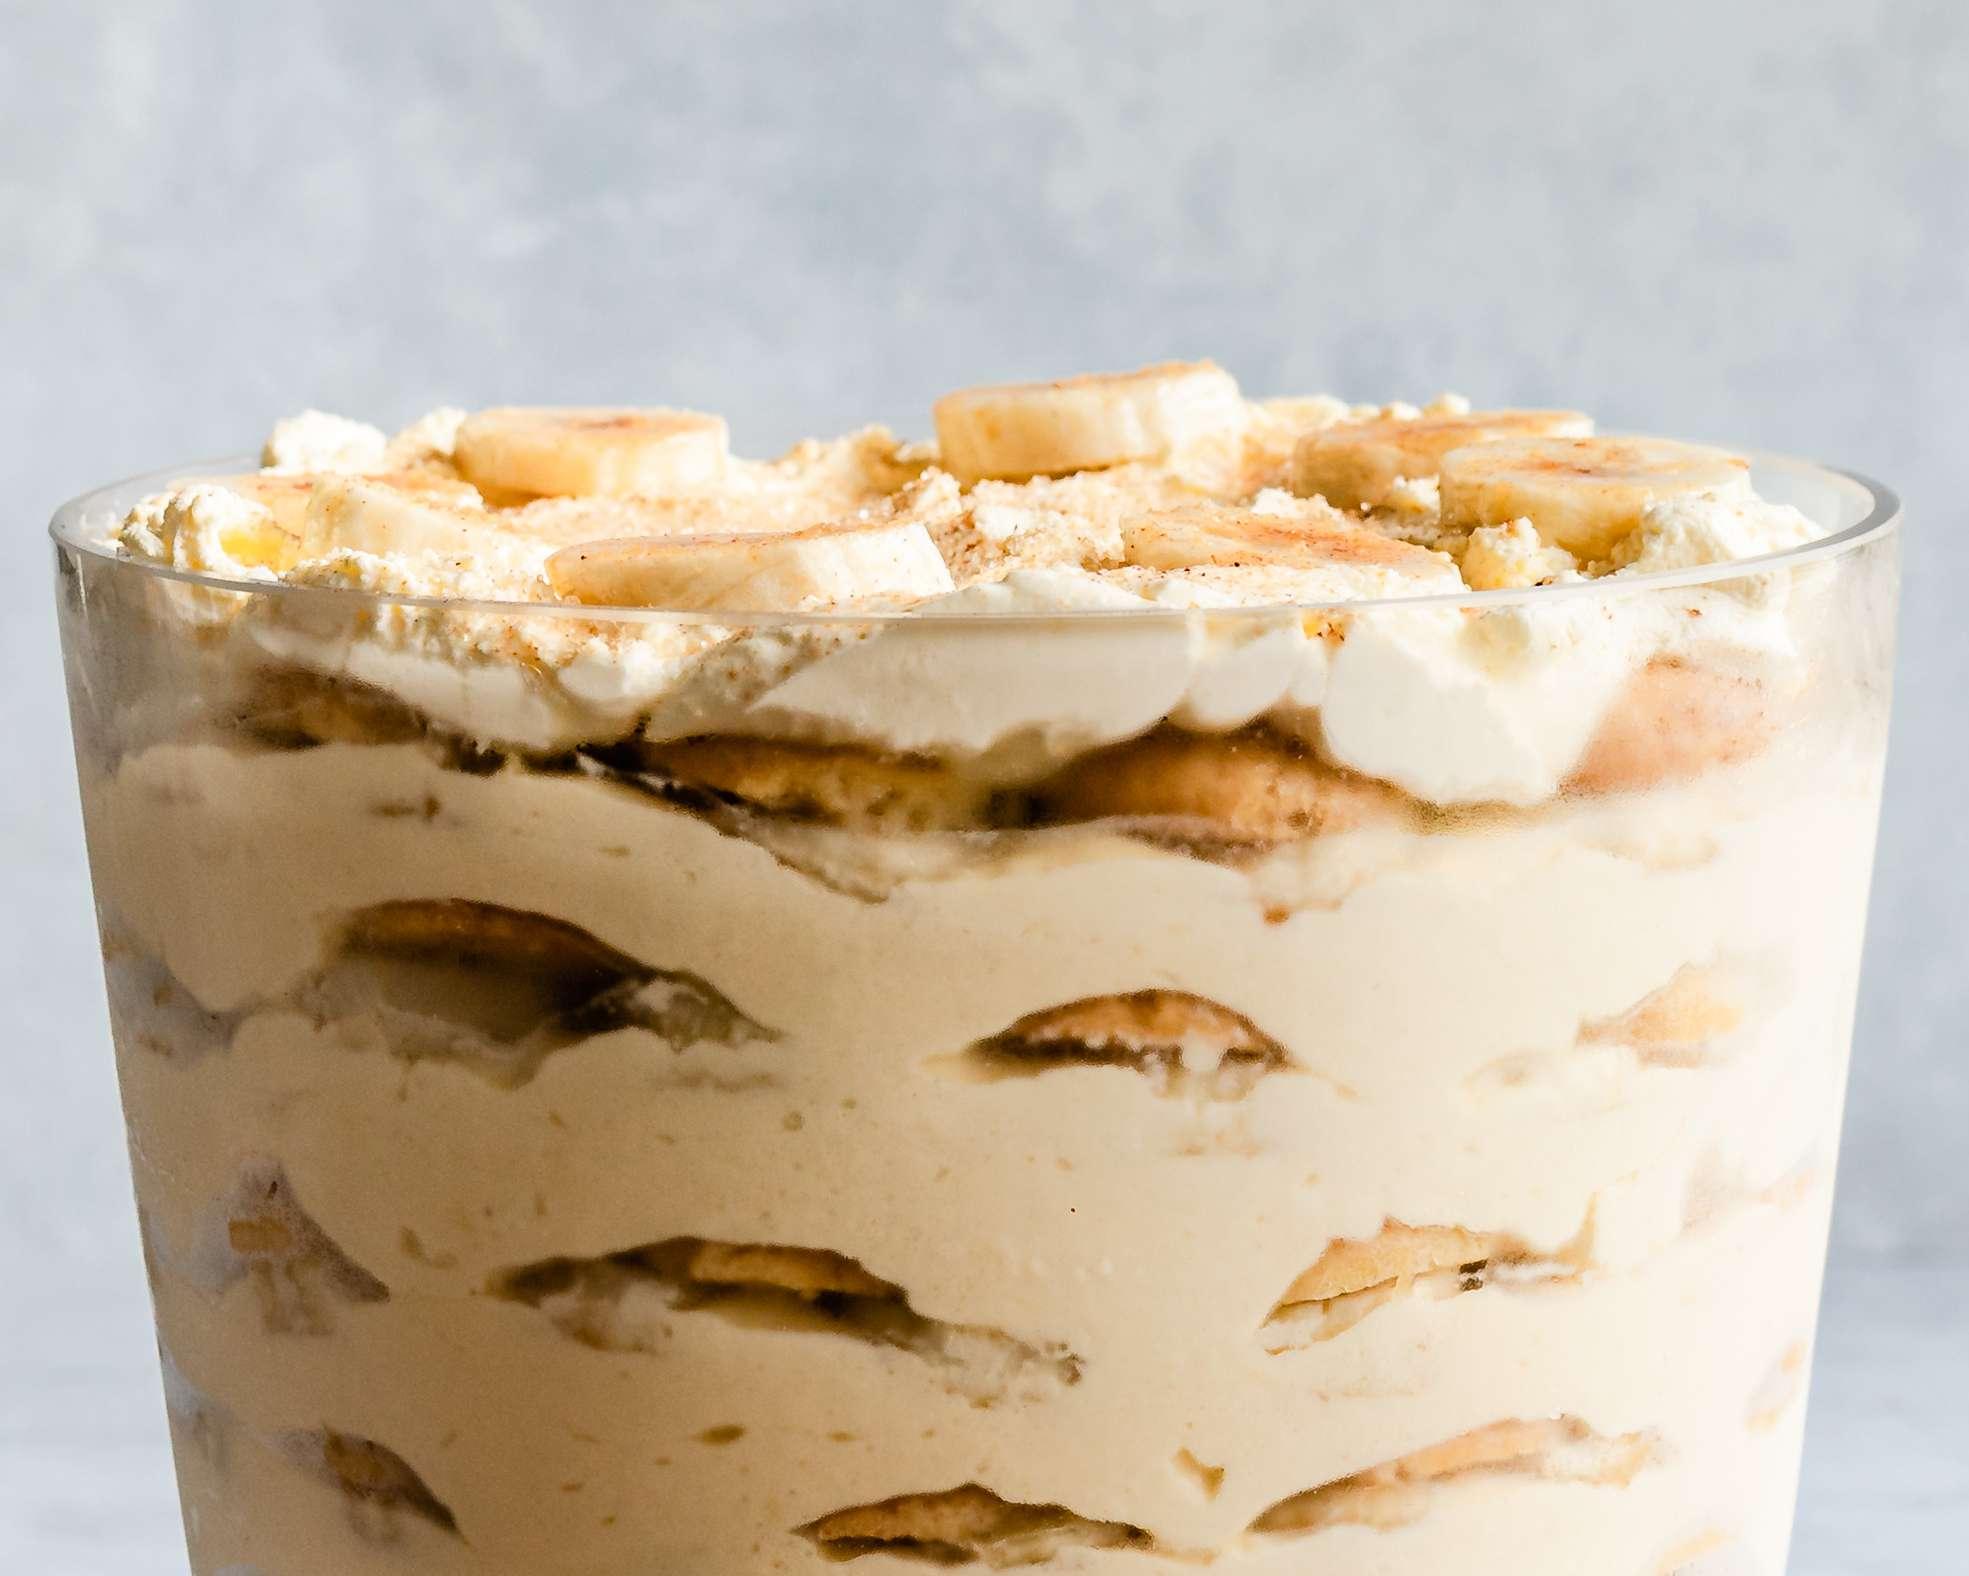 Banana pudding garnished with slices of banana and cinnamon sugar